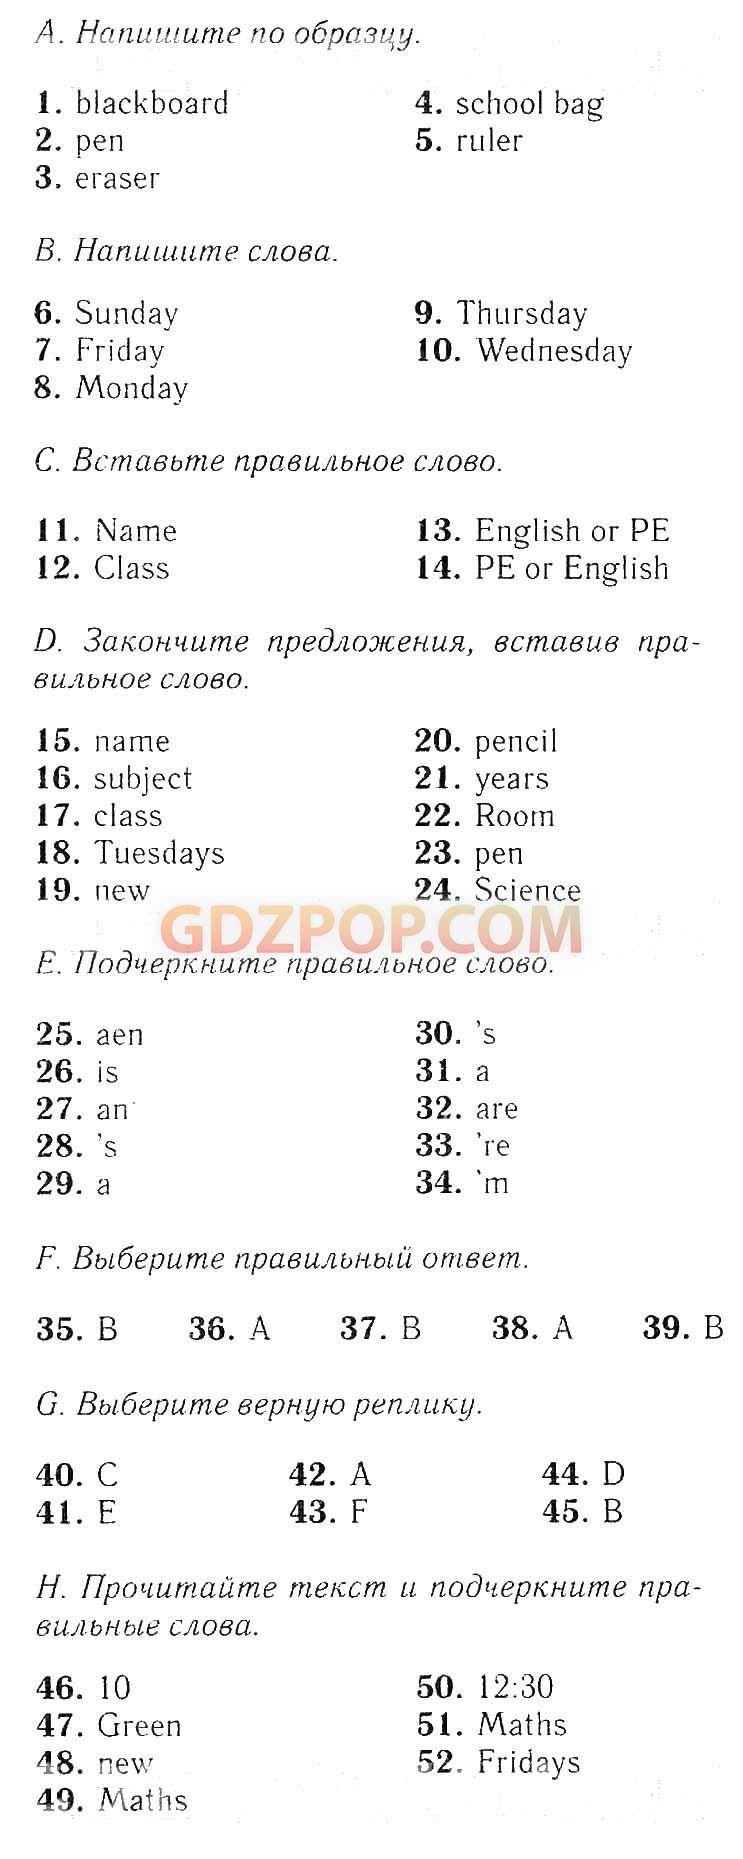 Готовые домашние задания по программе гармония 5 класс по старым учебникам